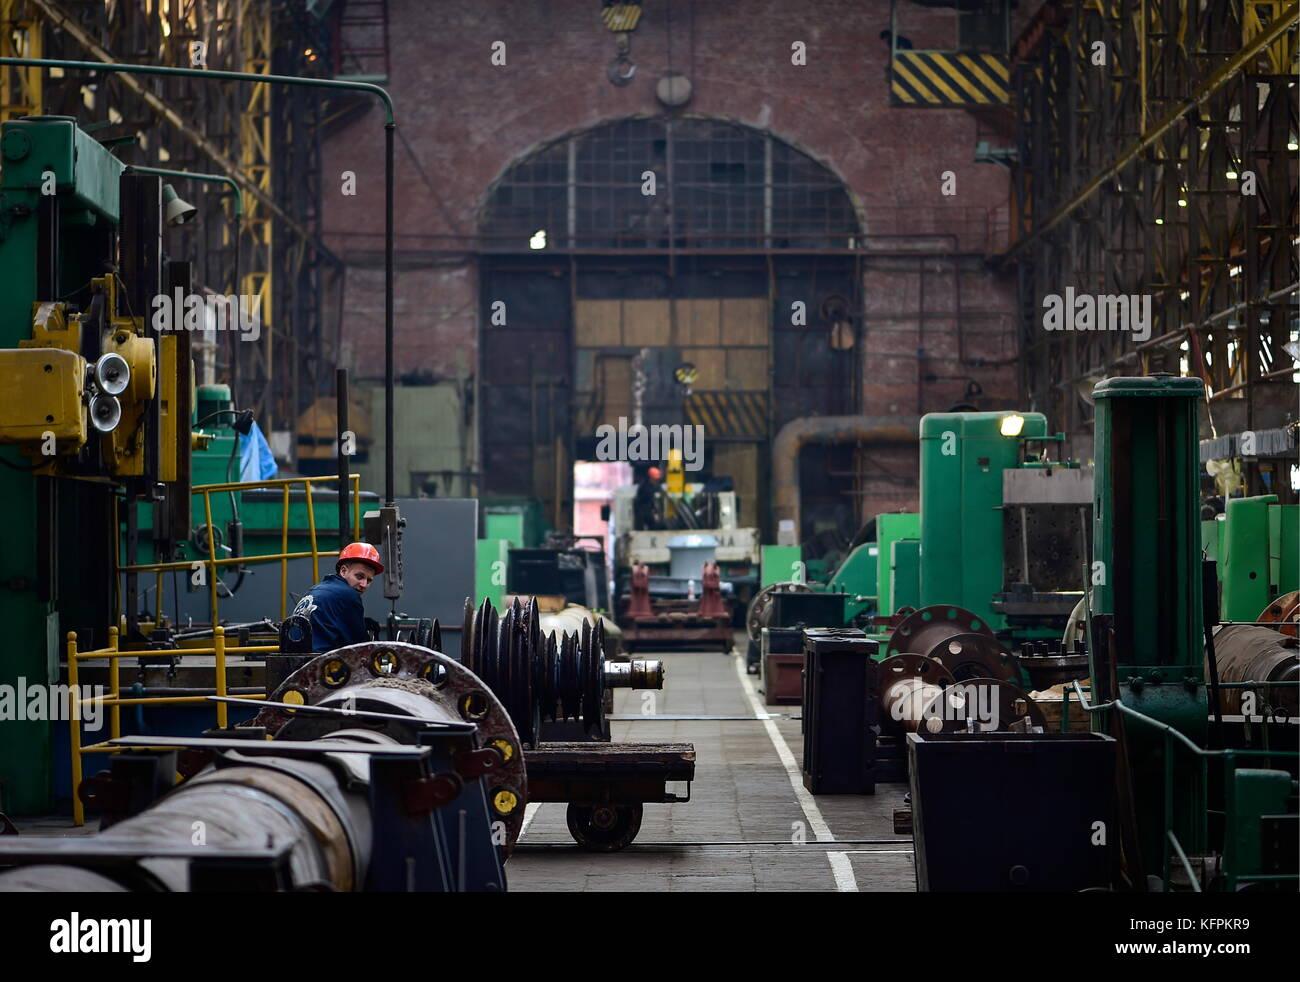 Wladiwostok, Russland. 30 Okt, 2017. Innerhalb der mechanischen Montage am dalzavod ship Repair Center in Wladiwostok, Stockfoto